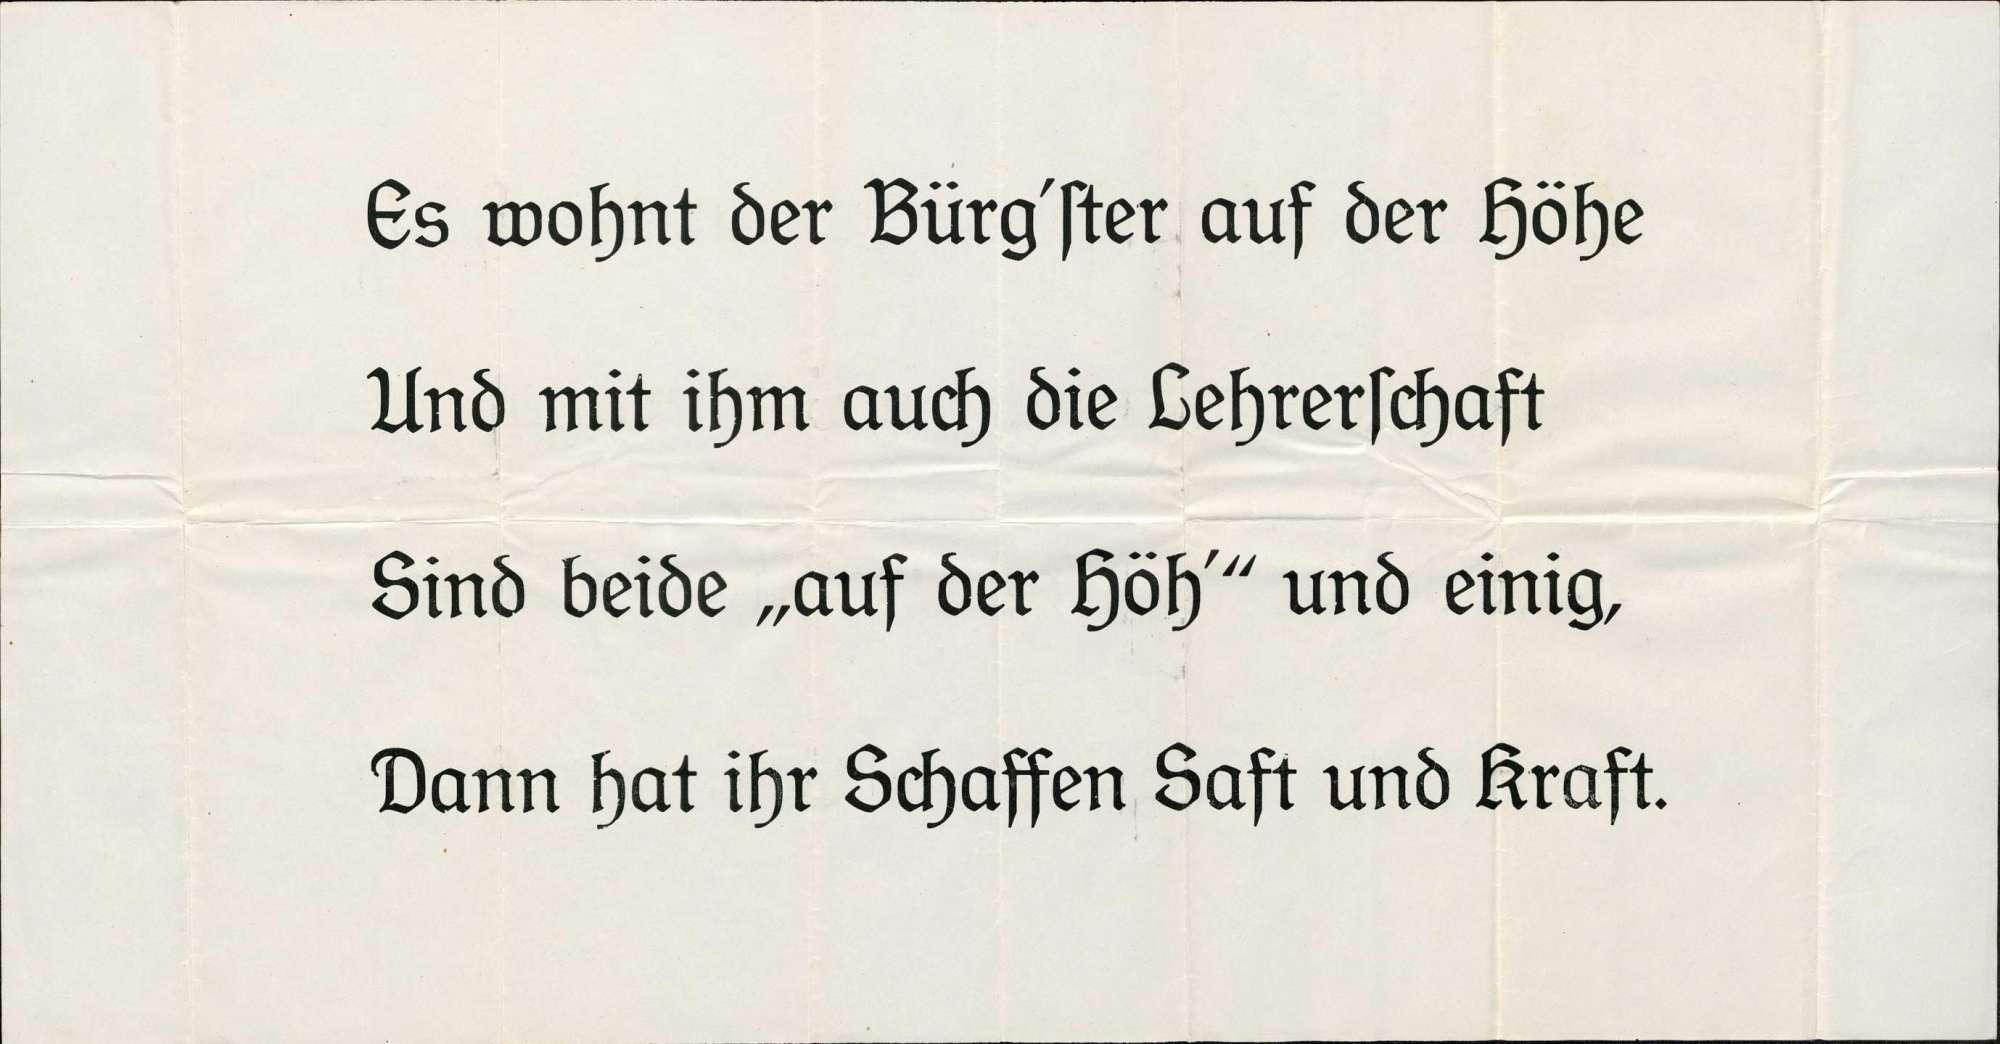 Plakate, Arbeitszeugnisse und Briefe in Bezug auf das Dienststrafverfahren gegen Eduard Zimmermann, Bürgermeister der Gemeinde Rhina, Bild 1